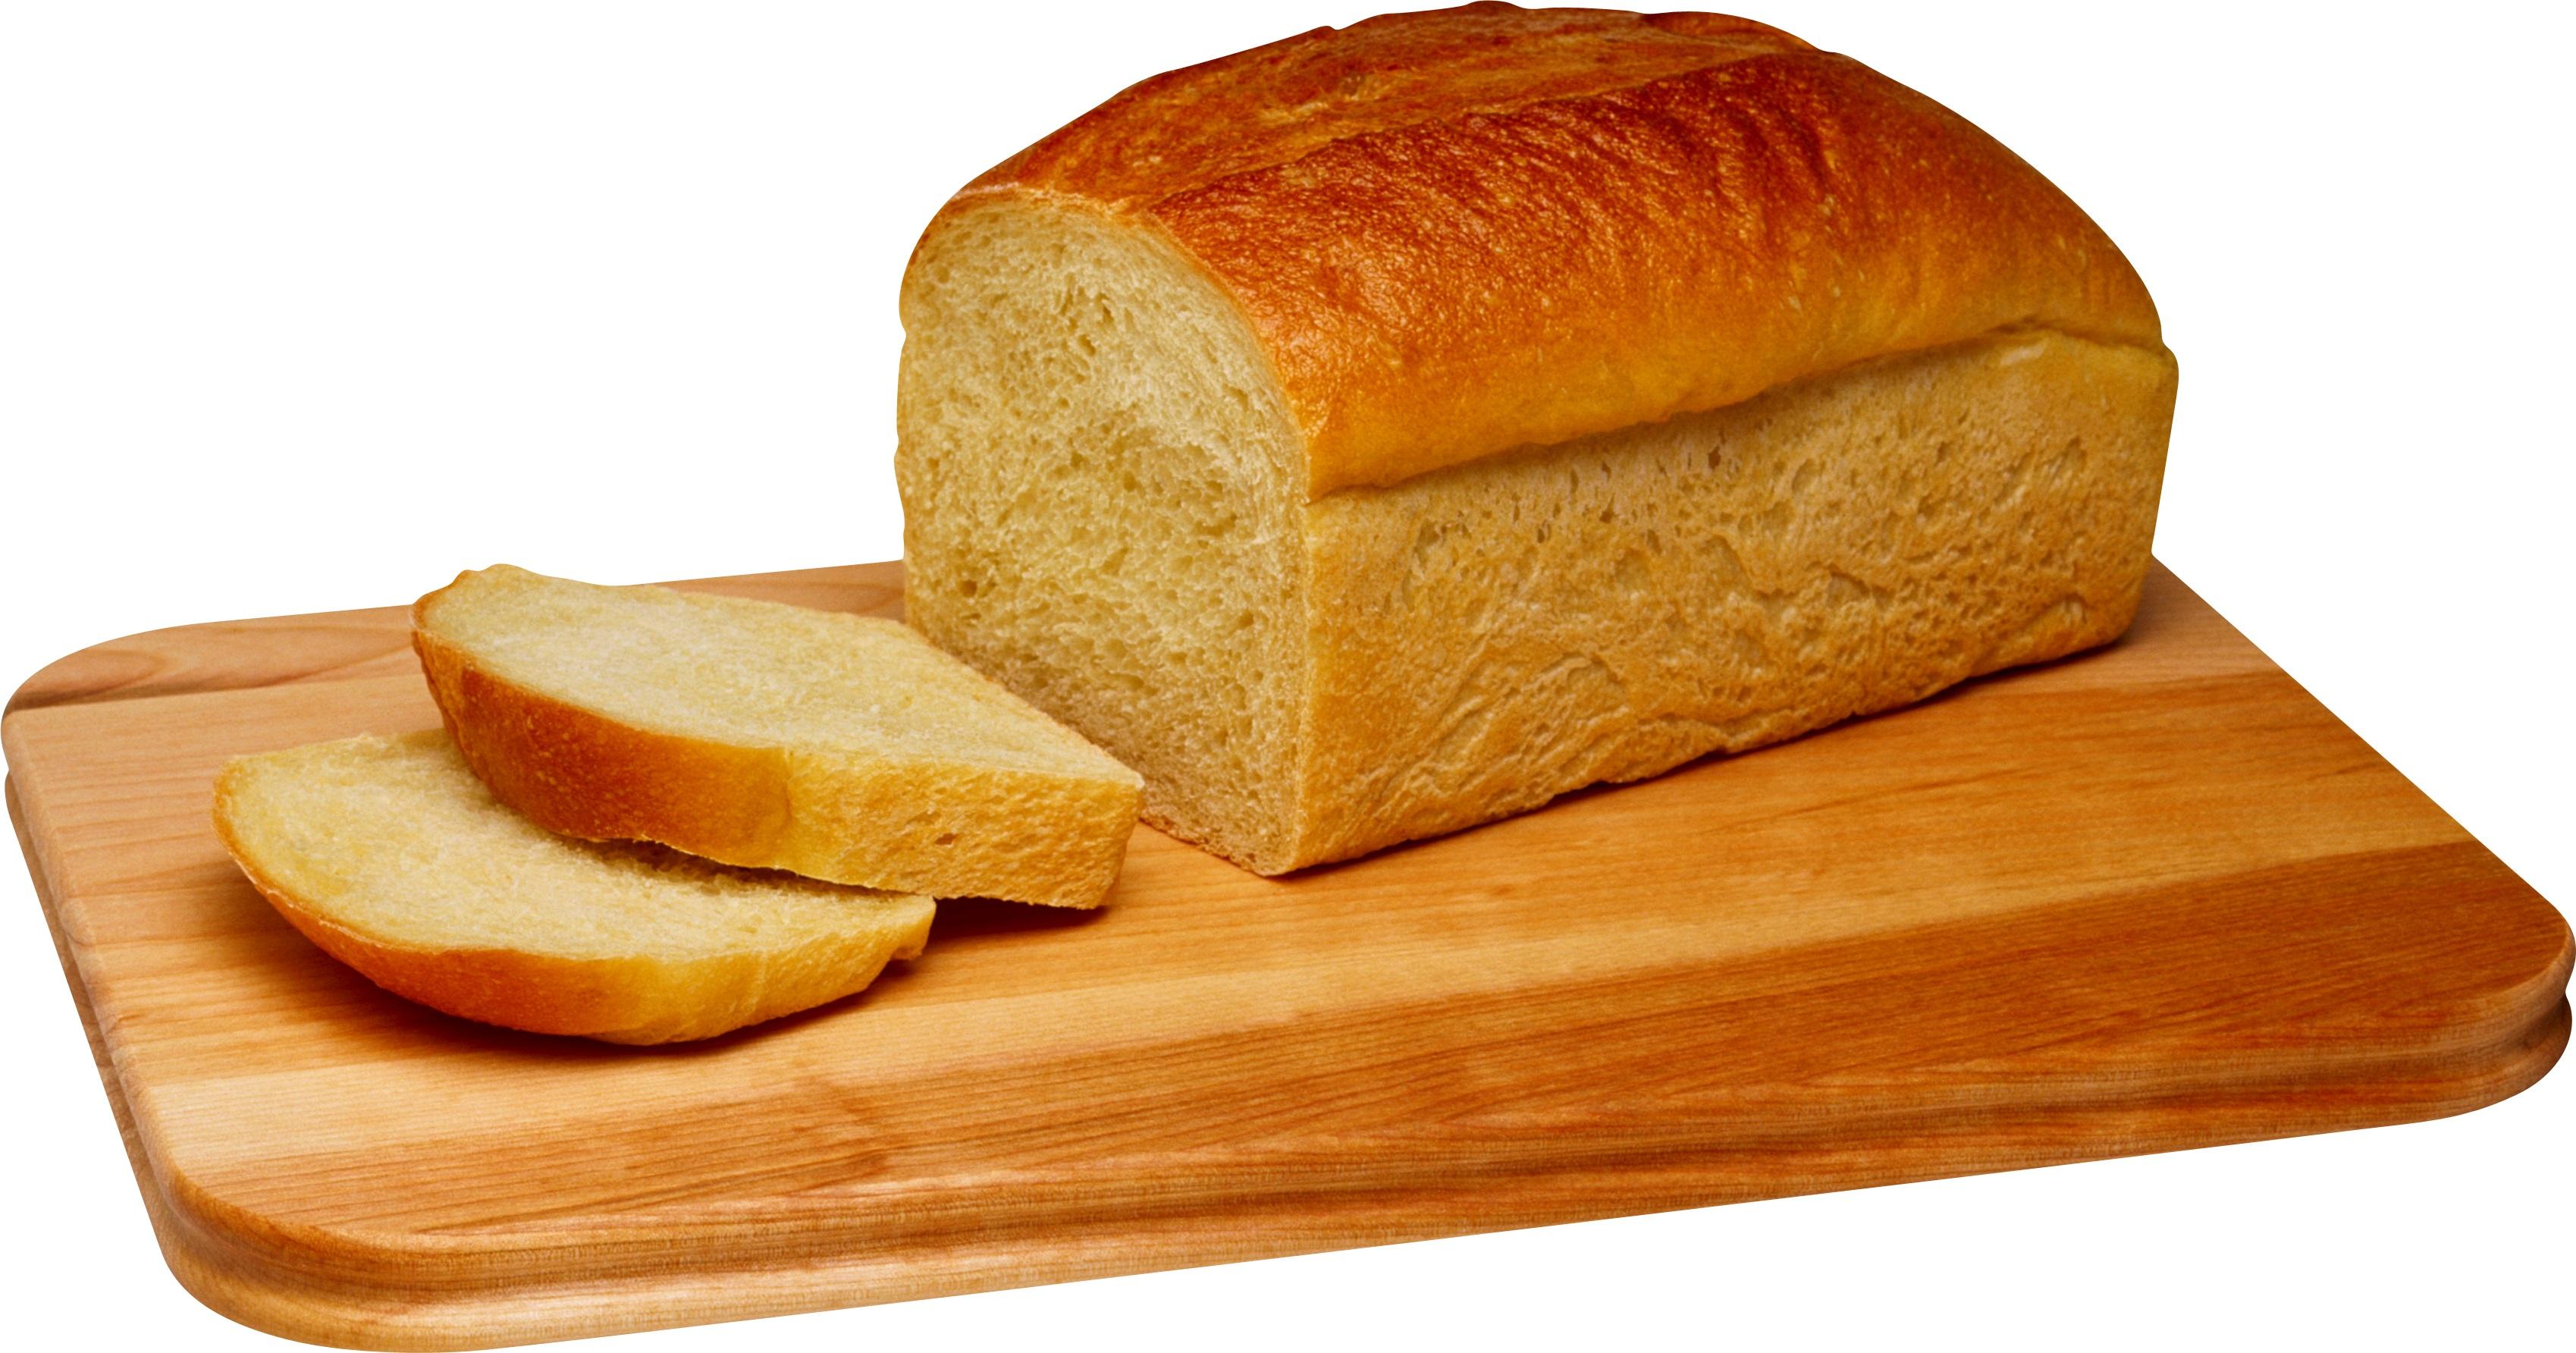 Я зашла в комнату к ним,муж мне грубо ,что то сказал т мы начали ругаться,я взяла и кинула в него недоеденный кусочек хлеба,а потом вышла из комнаты.